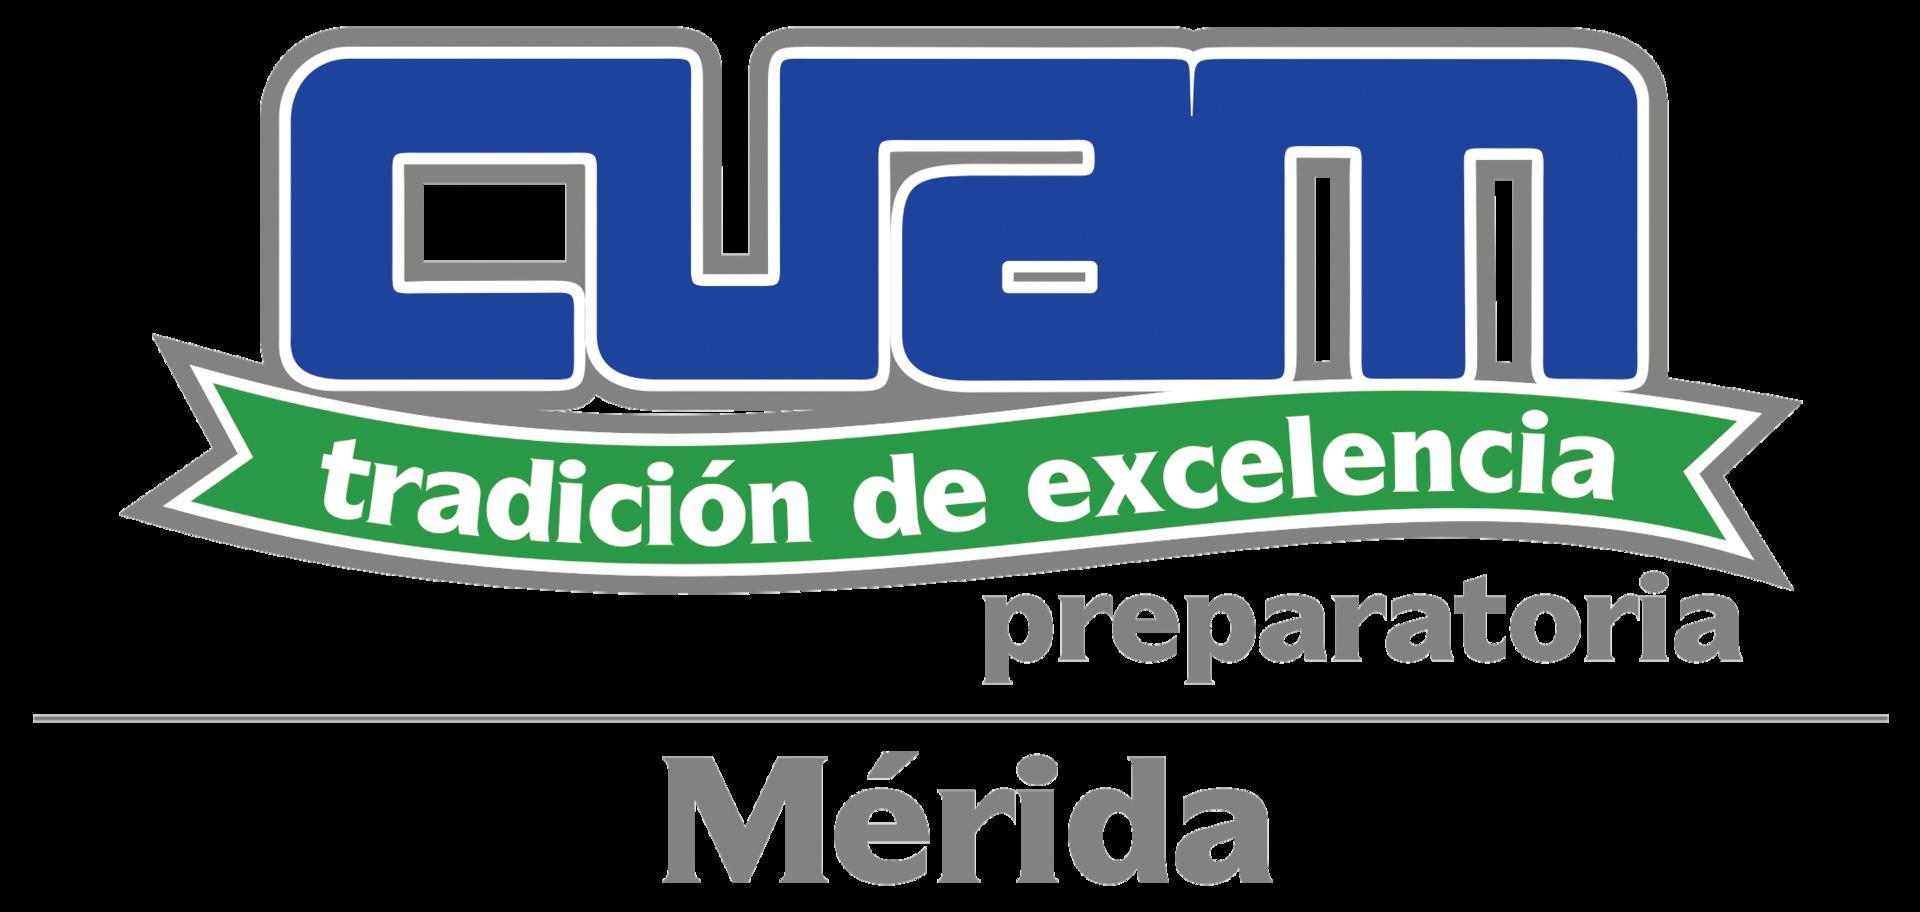 Preparatoria CUAM Mérida